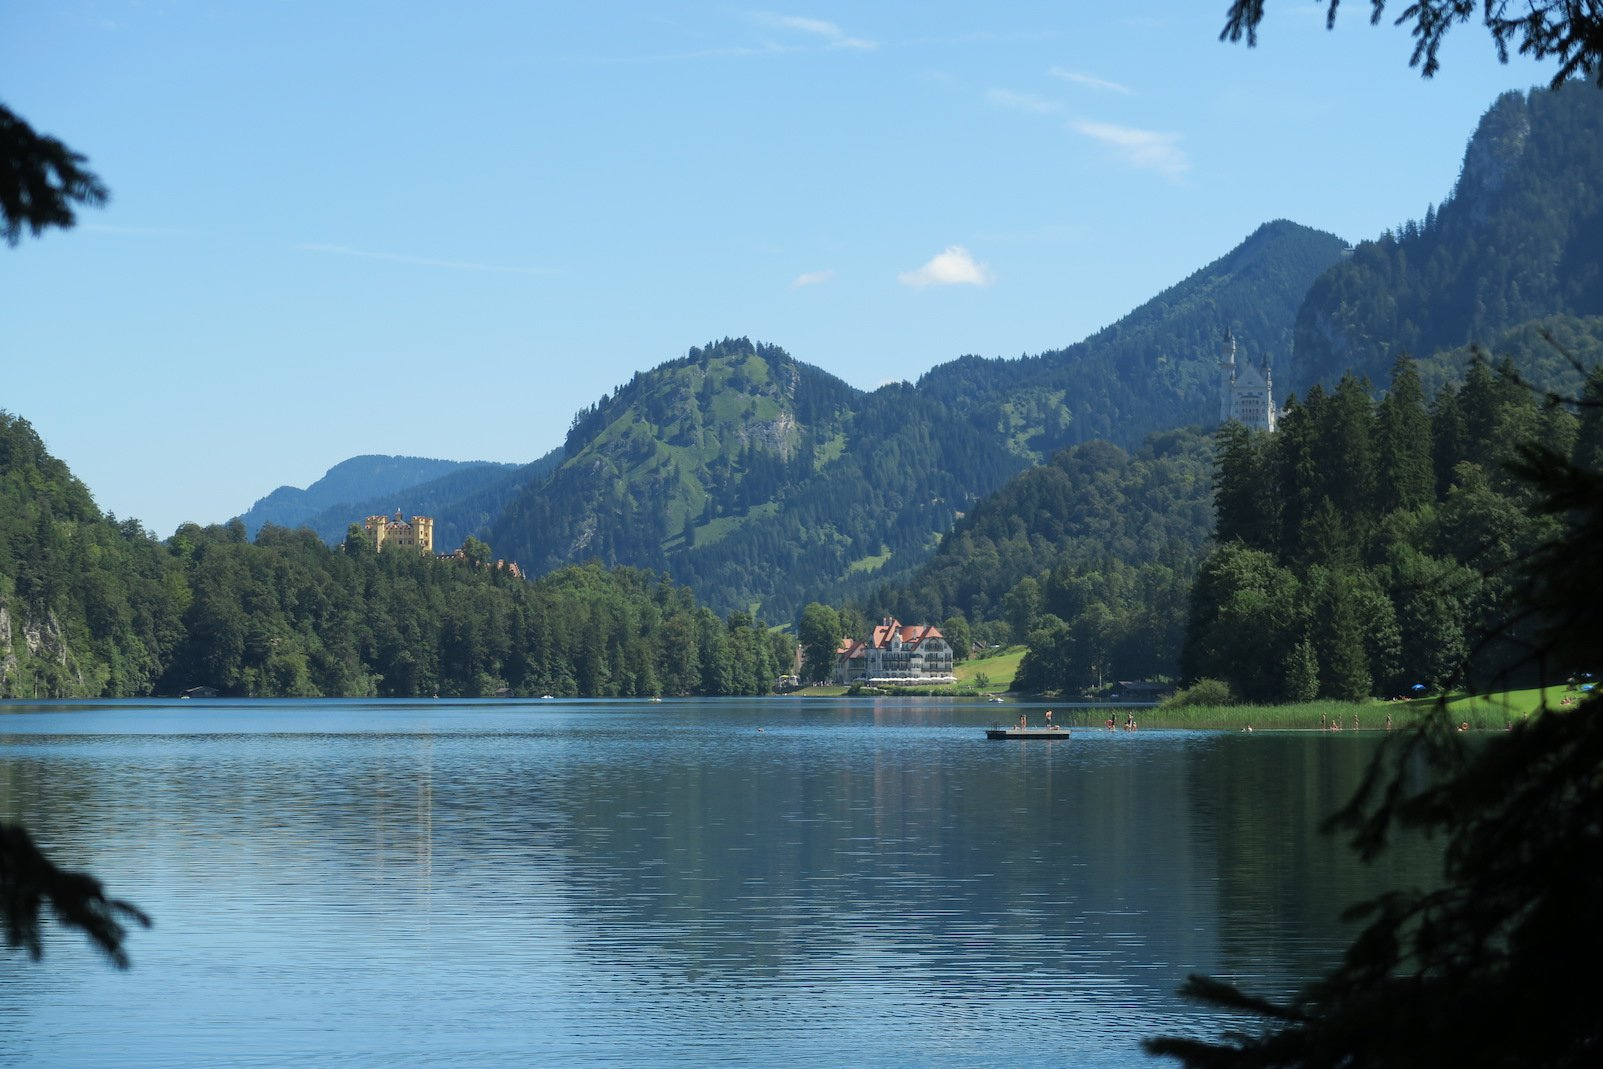 Links Hohenschwangau, rechts Neuschwanstein und in der Motte das Museum der Bayrischen Könige direkt am Ufer des Alpsees